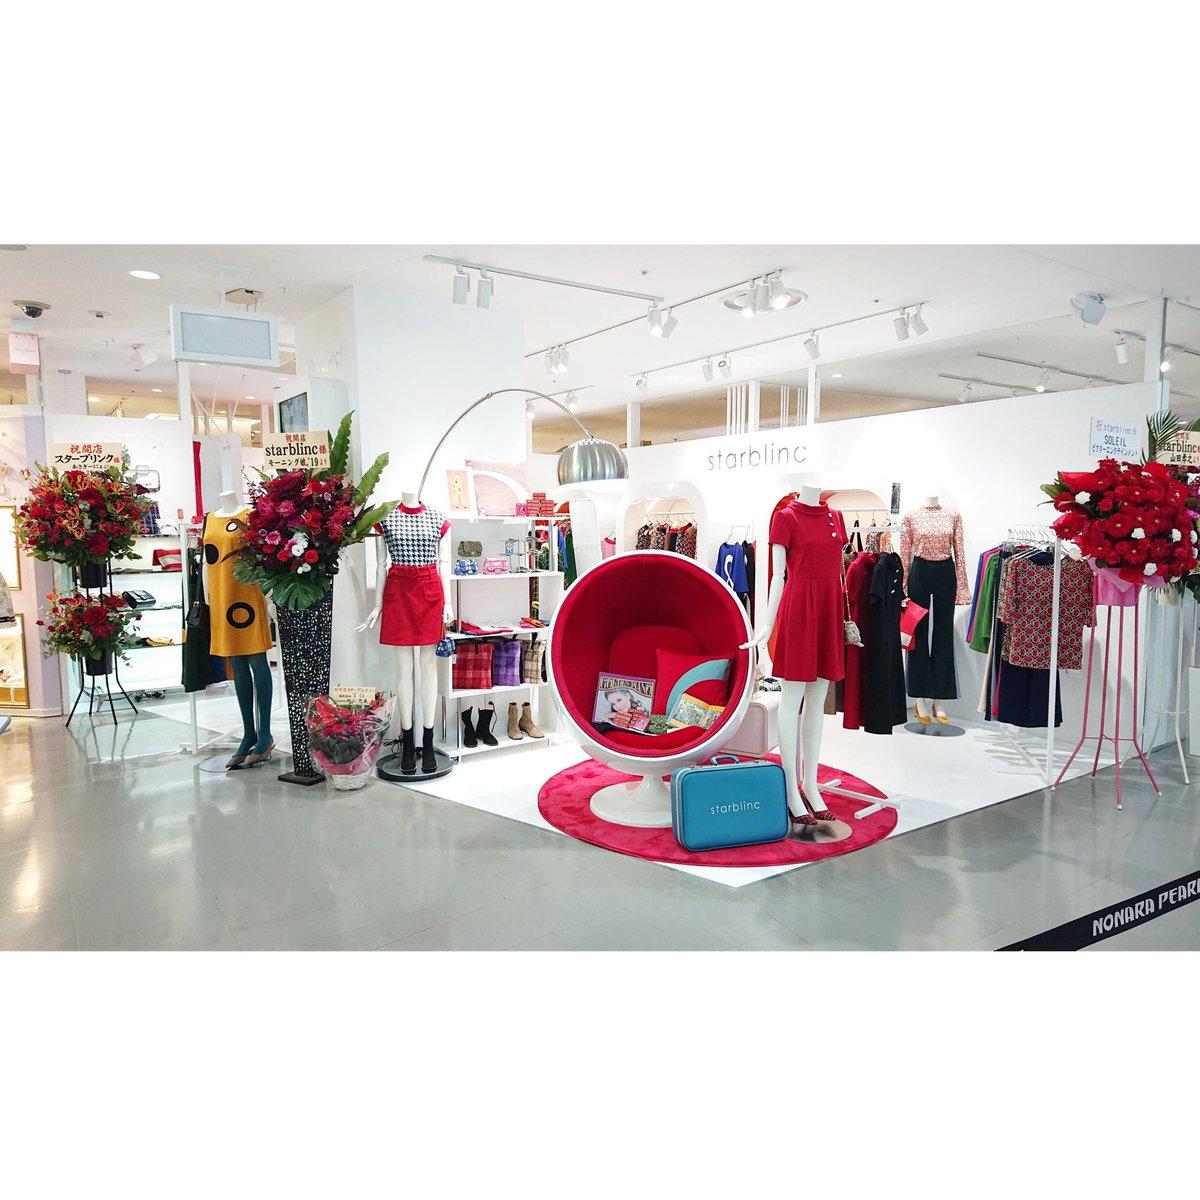 ⦅職場⦆ラフォーレ原宿2階に店舗オープンしました~‼︎  starblinc(スターブリンク)ってゆう60sレトロフューチャーなブランドでごわす。  私はアトリエ製作部(服を作る側)だから店舗には立たないけど宜しければ遊びに行ってみて下さい~